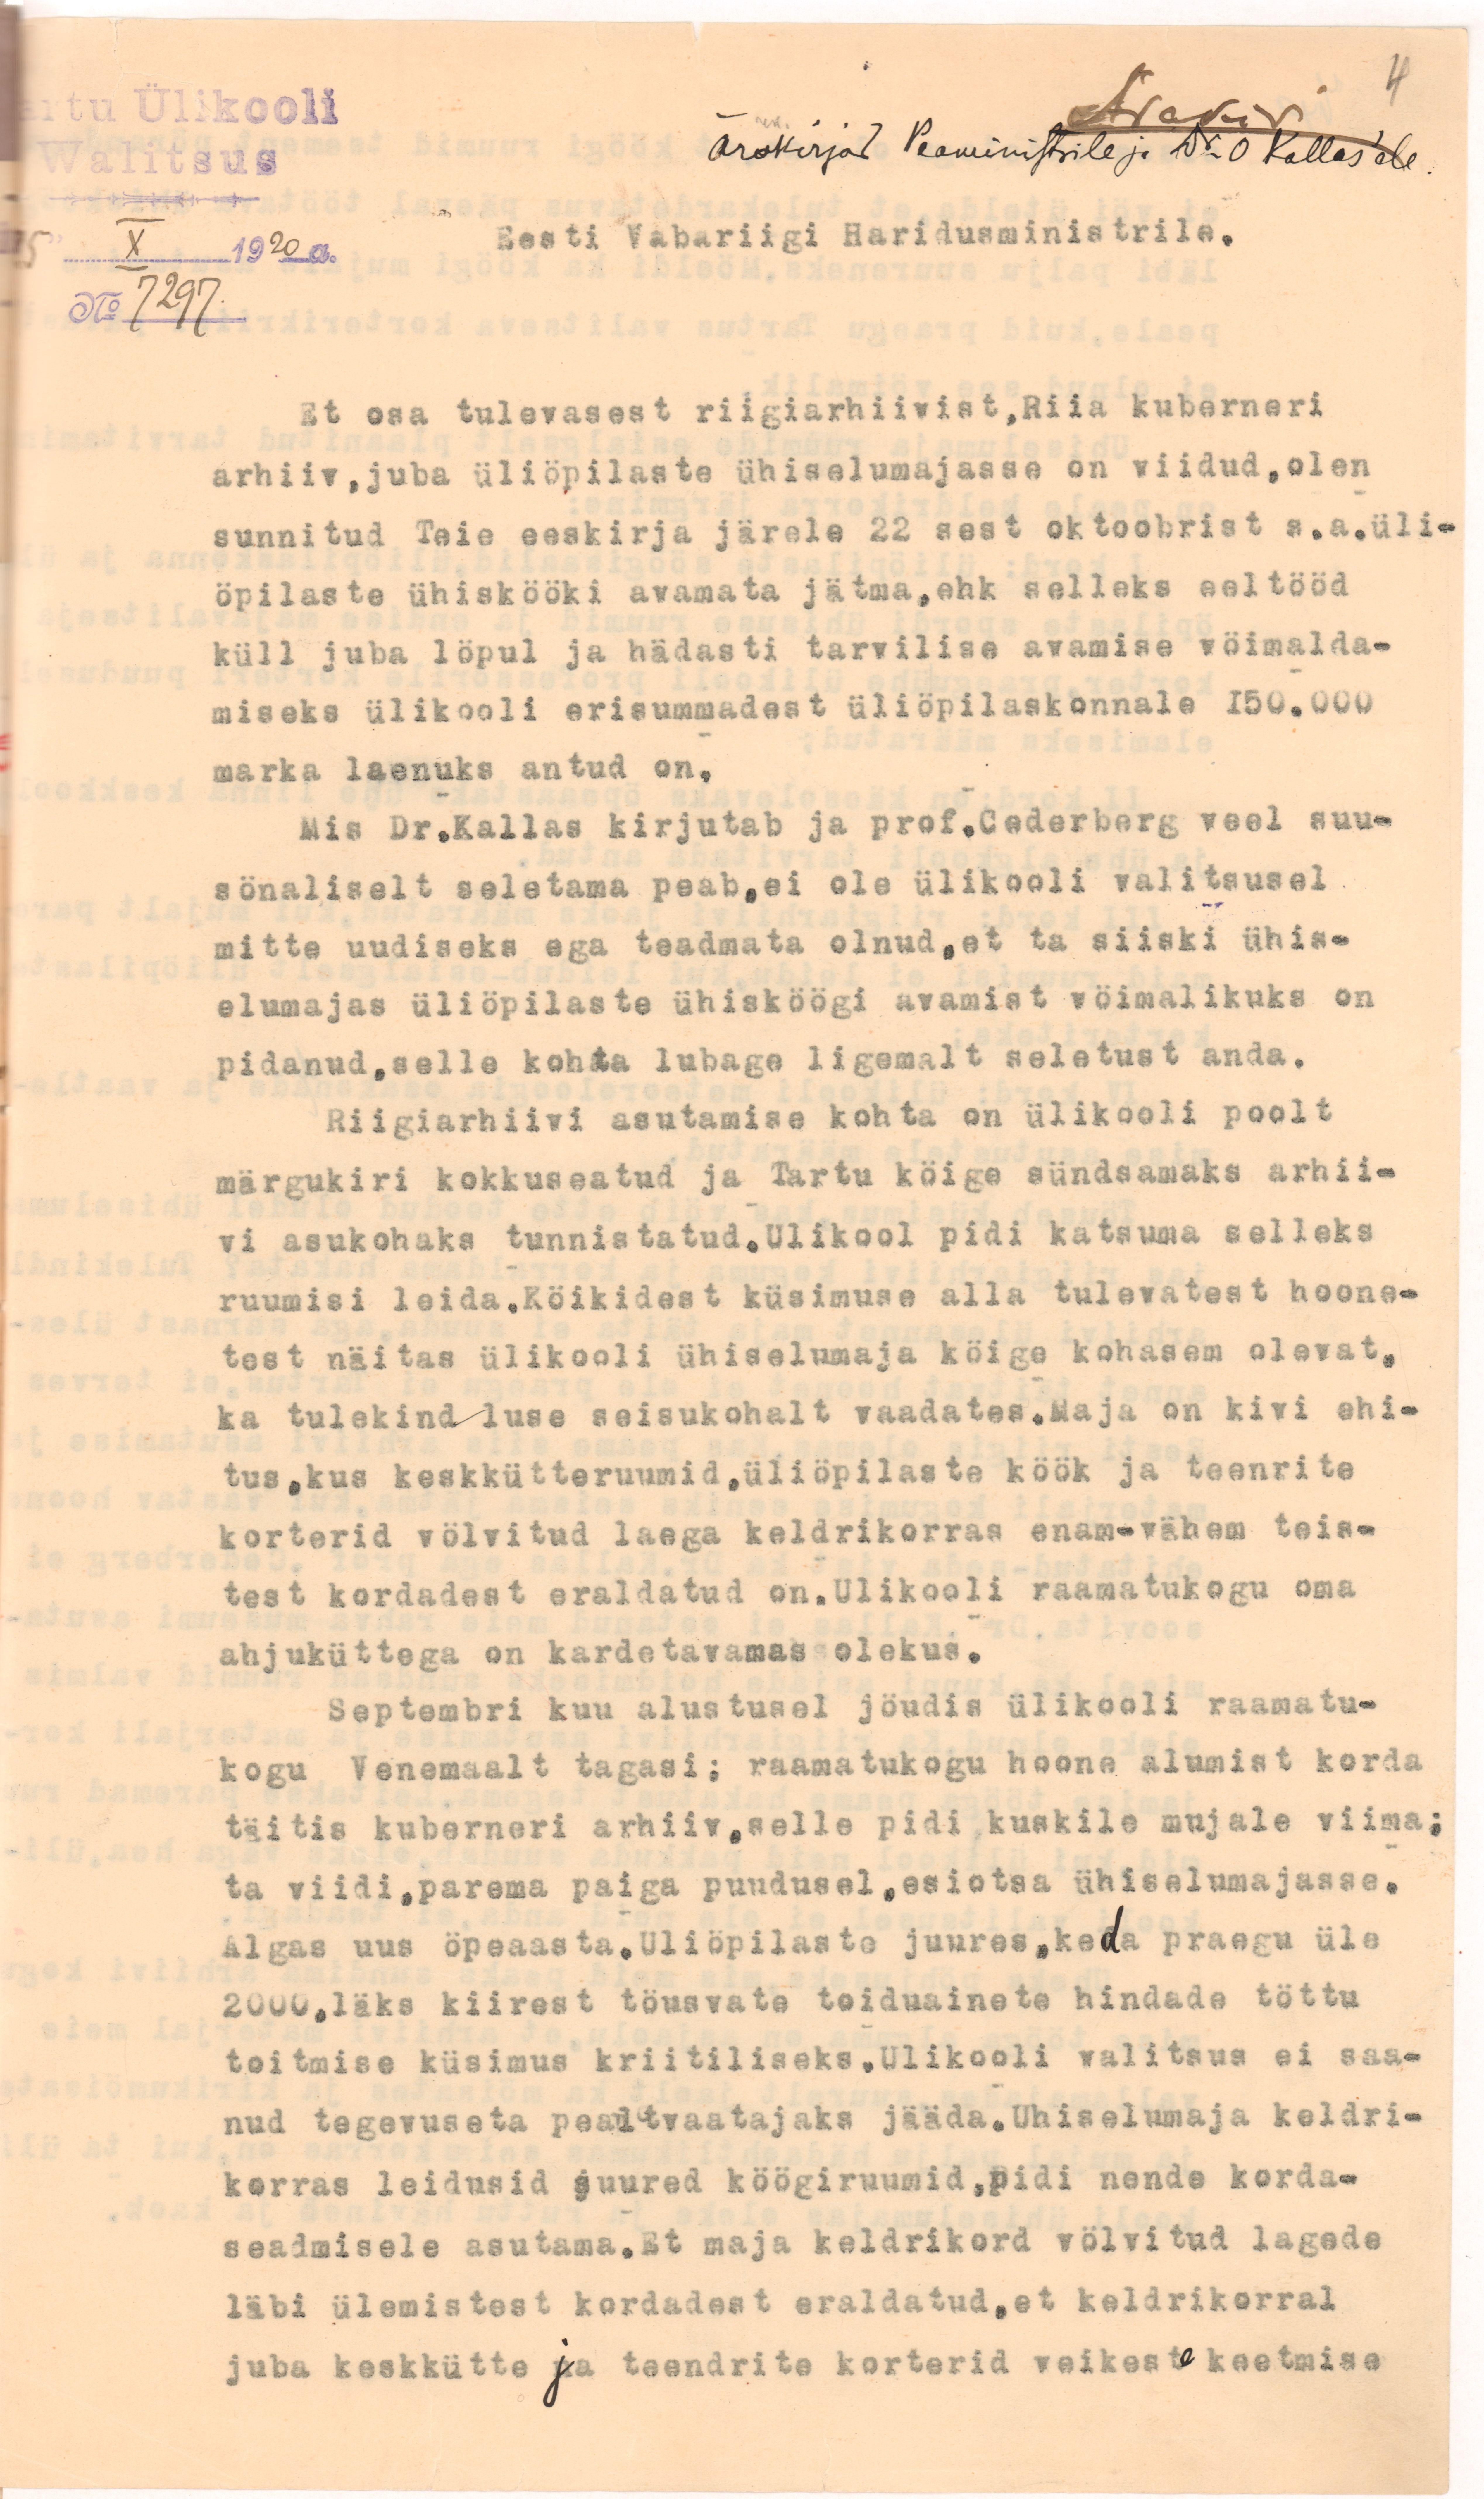 Põhjalikult käsitleb ruumikasutust ja sellega seotud probleeme ja lahendusi rektor kirjas haridusministrile 25. oktoobrist 1920. EAA.2100.4.467, l. 4-5. 2100.4.467(1)